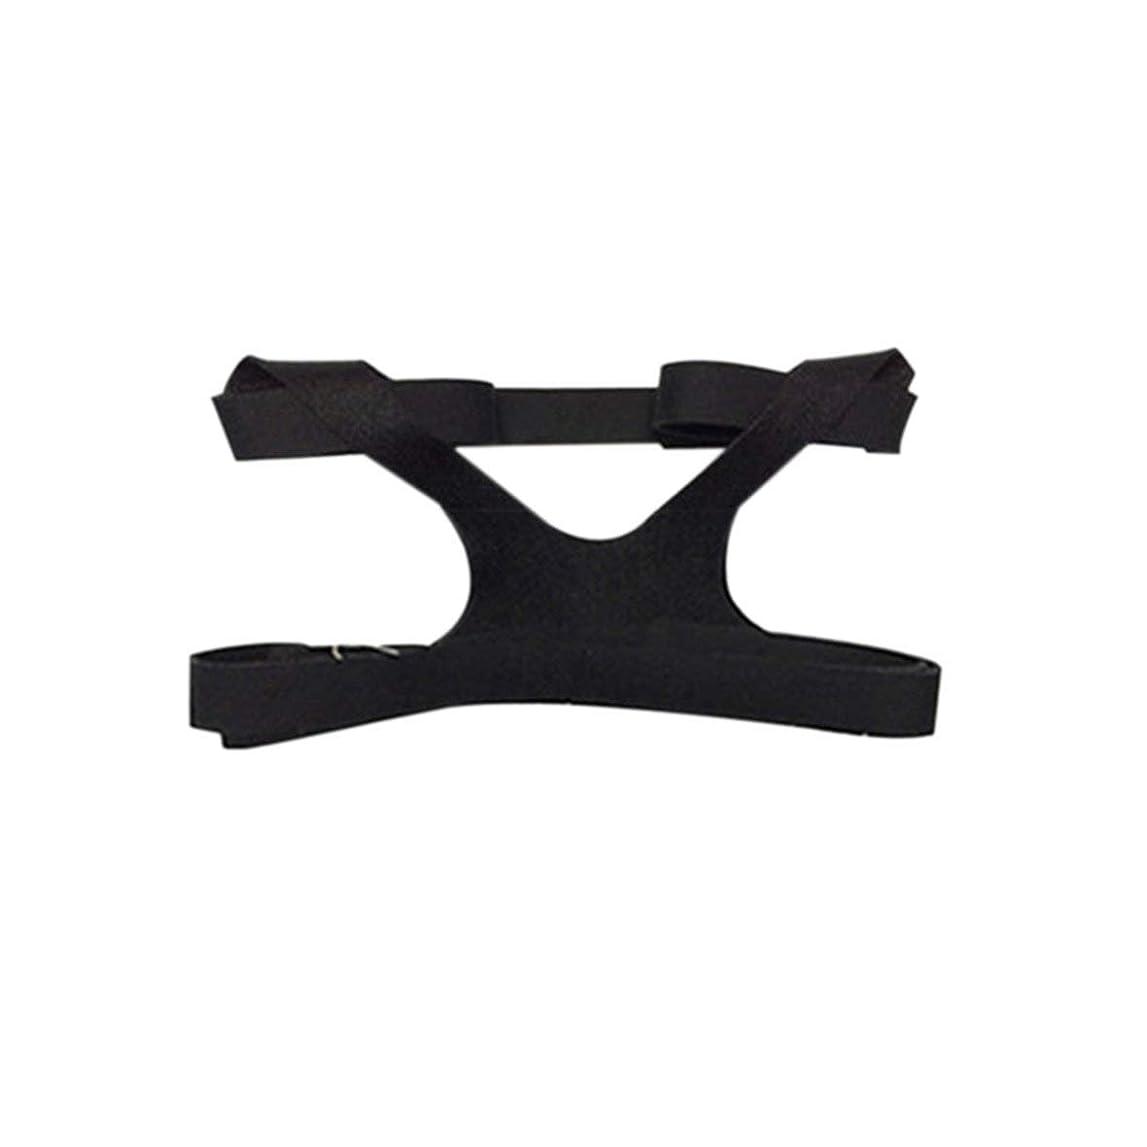 黒人欠かせない敬なBlackfell ユニバーサルデザインヘッドギアコンフォートジェルフルマスク安全な環境交換CPAPヘッドバンドなしマスク用PHILPS